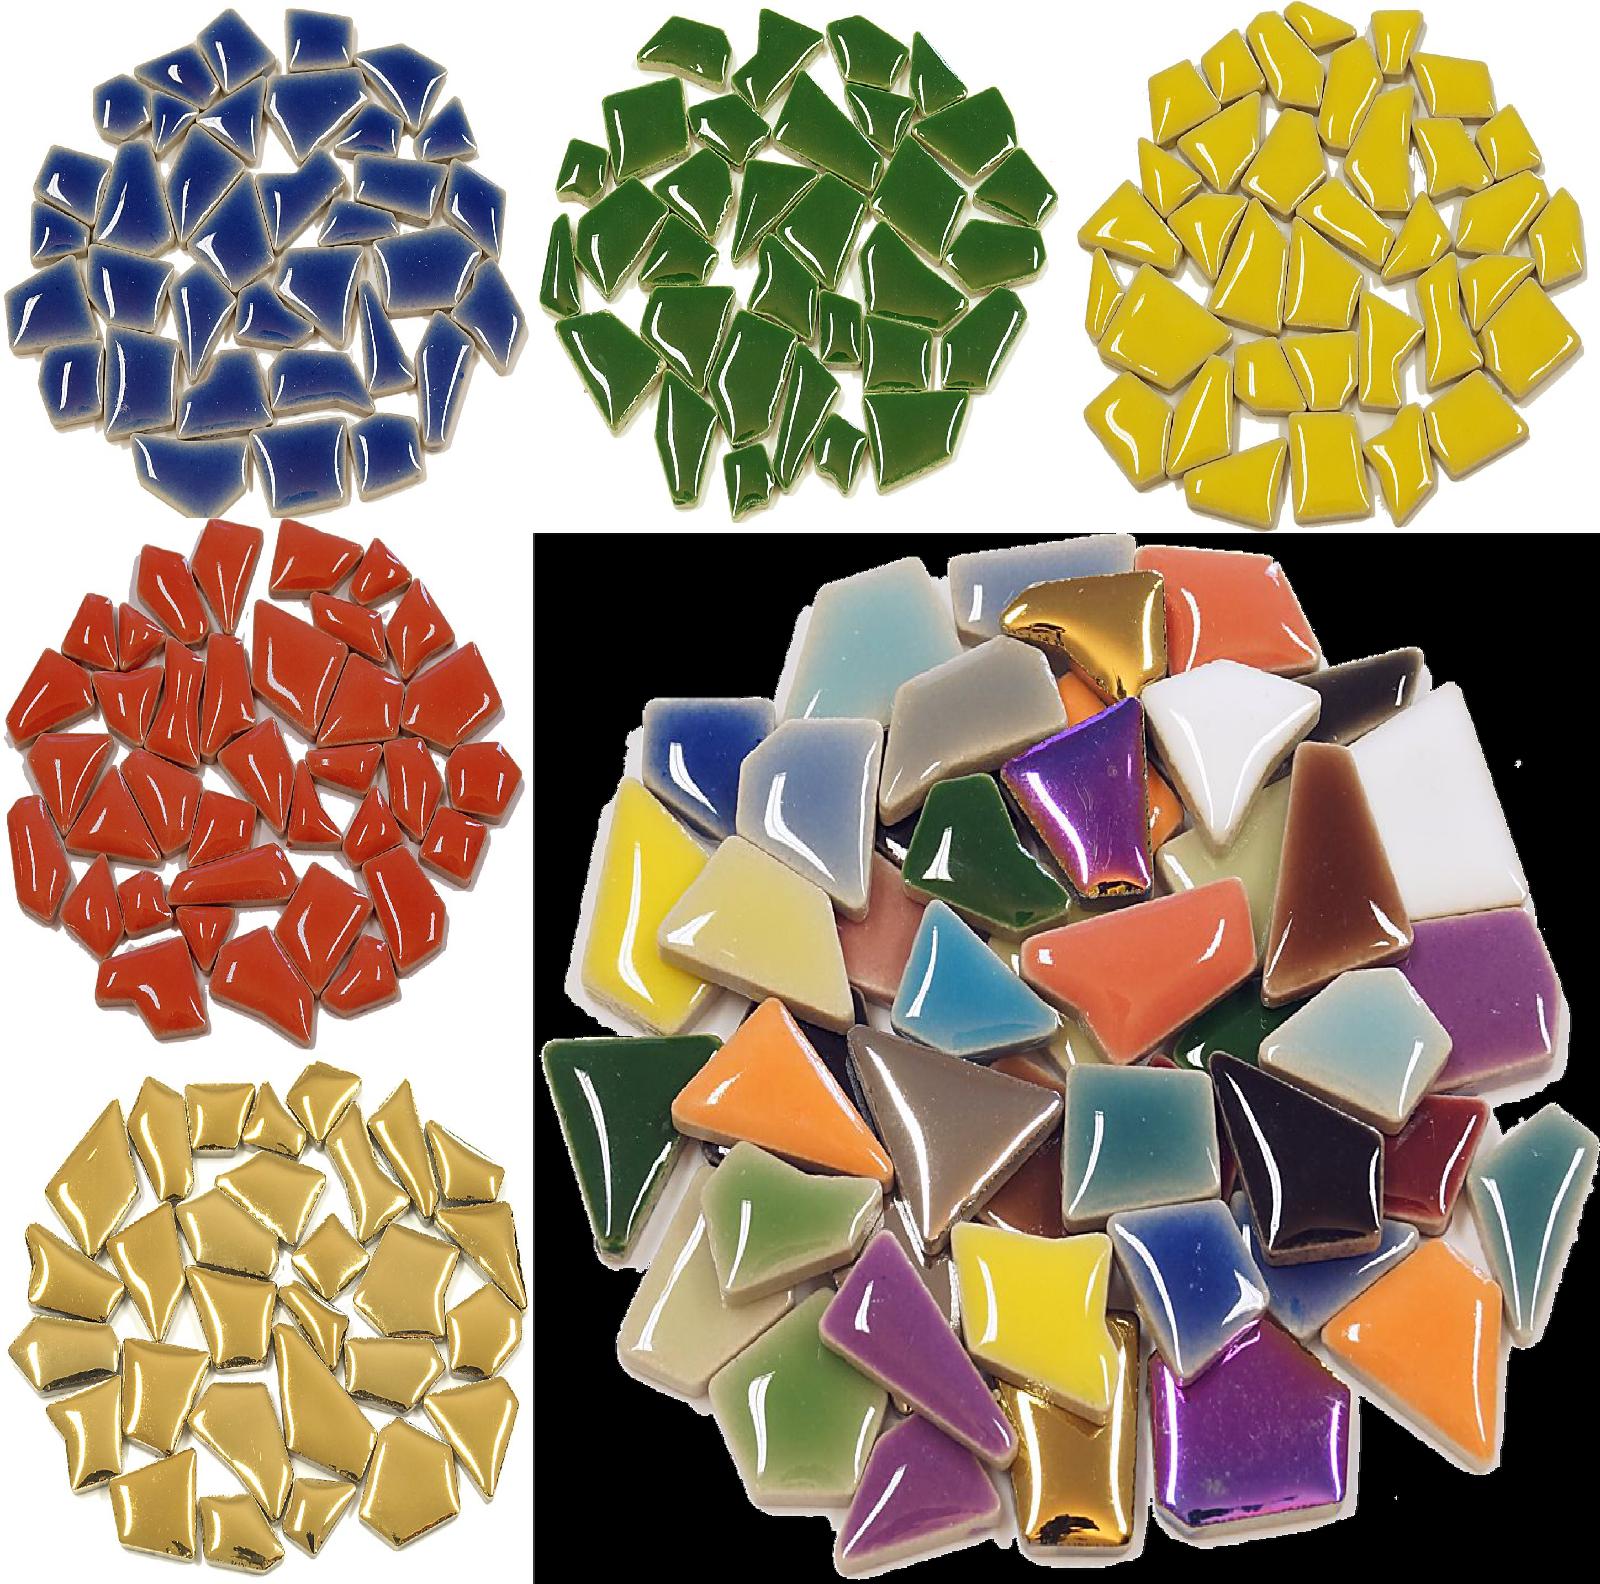 Grau gemischt 20 mm Mosaikfliesen zum Basteln aus Murrini-Glas